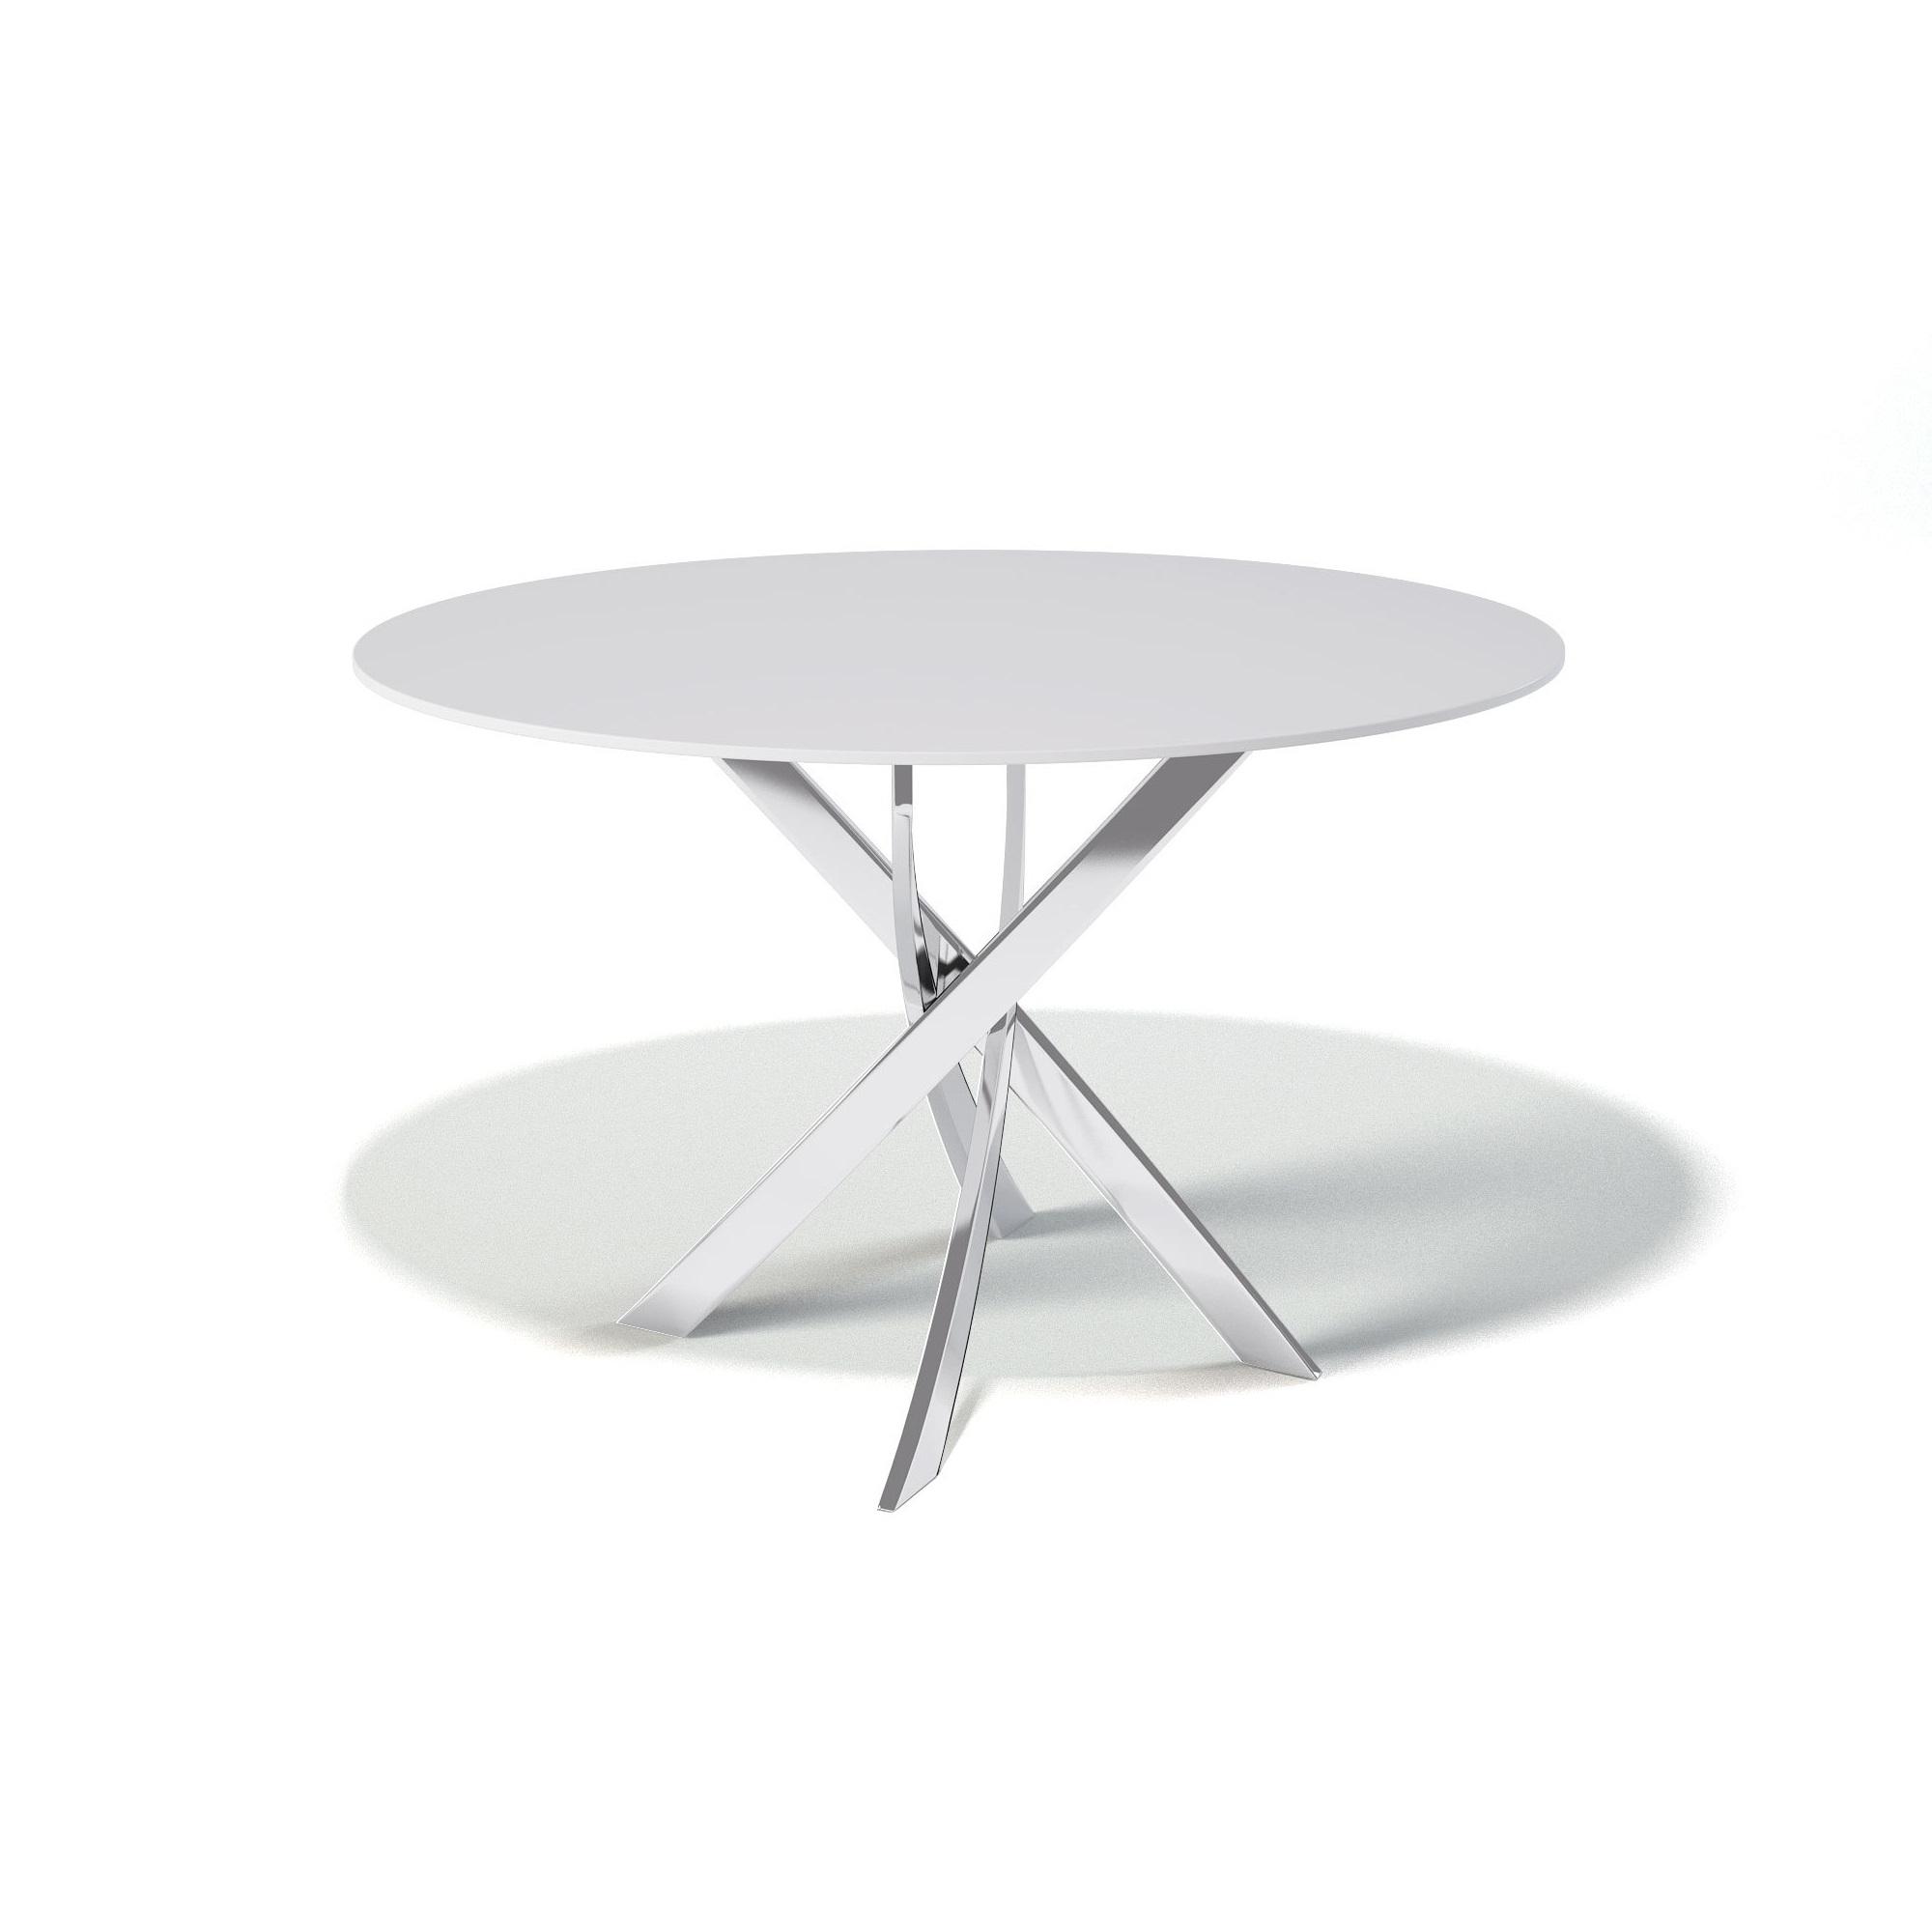 Стол обеденный KennerОбеденные столы<br>Столешница выполнена из стекла толщиной 10 мм. Стекло не боится перепадов температур, бытовой химии, влаги.&amp;amp;nbsp;&amp;lt;div&amp;gt;Основание стола выполнено из стали (внутри полое).&amp;amp;nbsp;&amp;lt;/div&amp;gt;&amp;lt;div&amp;gt;Столешница крепится к опорам на адаптеры диаметром всего 35 мм.&amp;amp;nbsp;&amp;lt;/div&amp;gt;&amp;lt;div&amp;gt;&amp;lt;br&amp;gt;&amp;lt;/div&amp;gt;&amp;lt;div&amp;gt;&amp;lt;br&amp;gt;&amp;lt;/div&amp;gt;<br><br>Material: Стекло<br>Ширина см: 120.0<br>Высота см: 76.0<br>Глубина см: 90.0